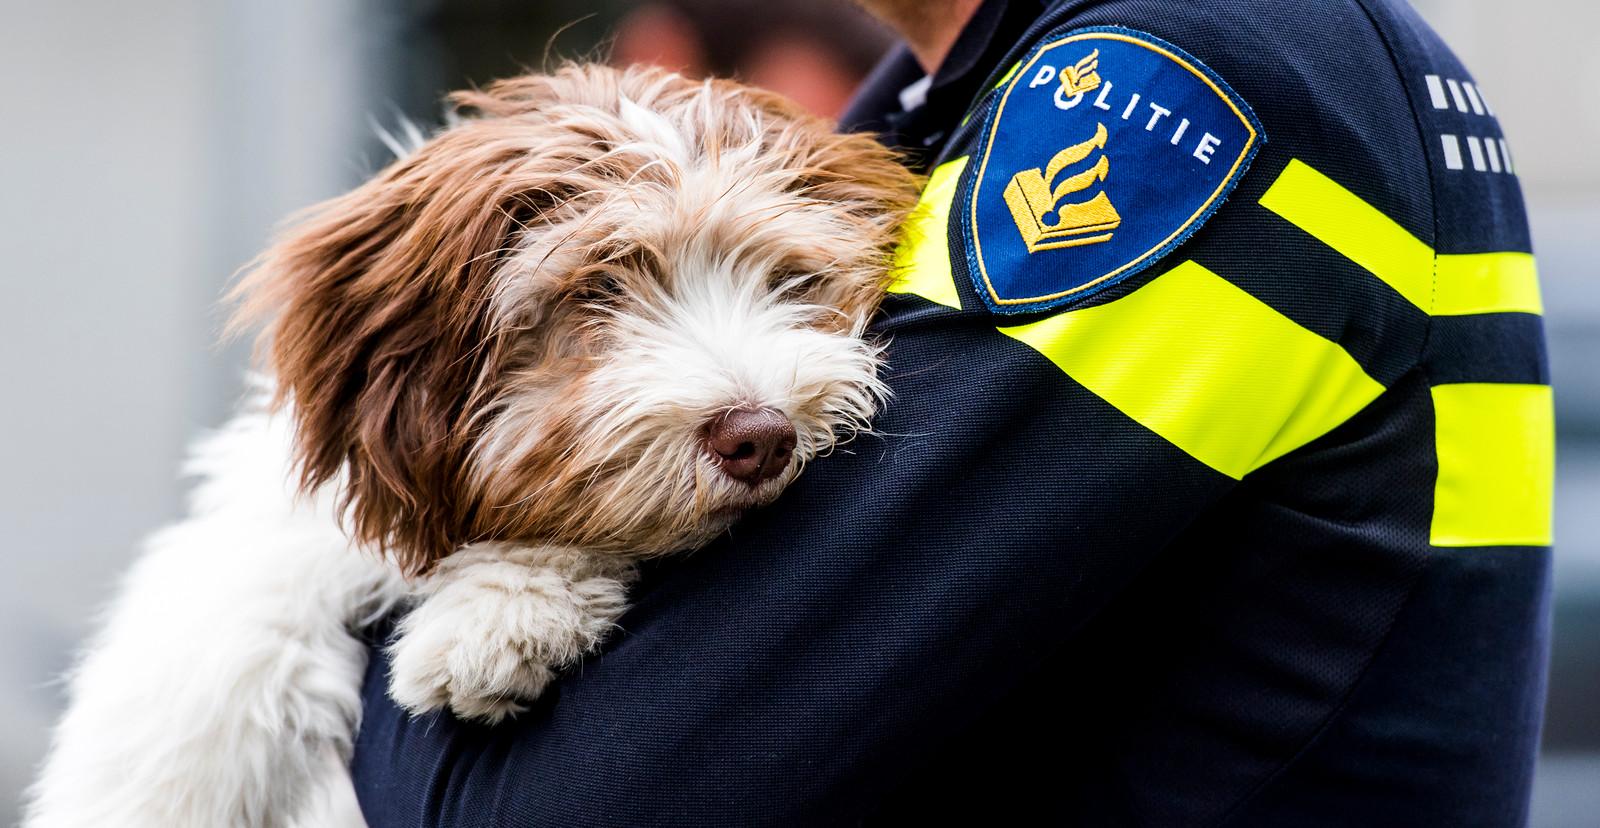 AAI-honden - In samenwerking met DogsWork zet de politie Rotterdam AAI-honden in tijdens overhoringen.